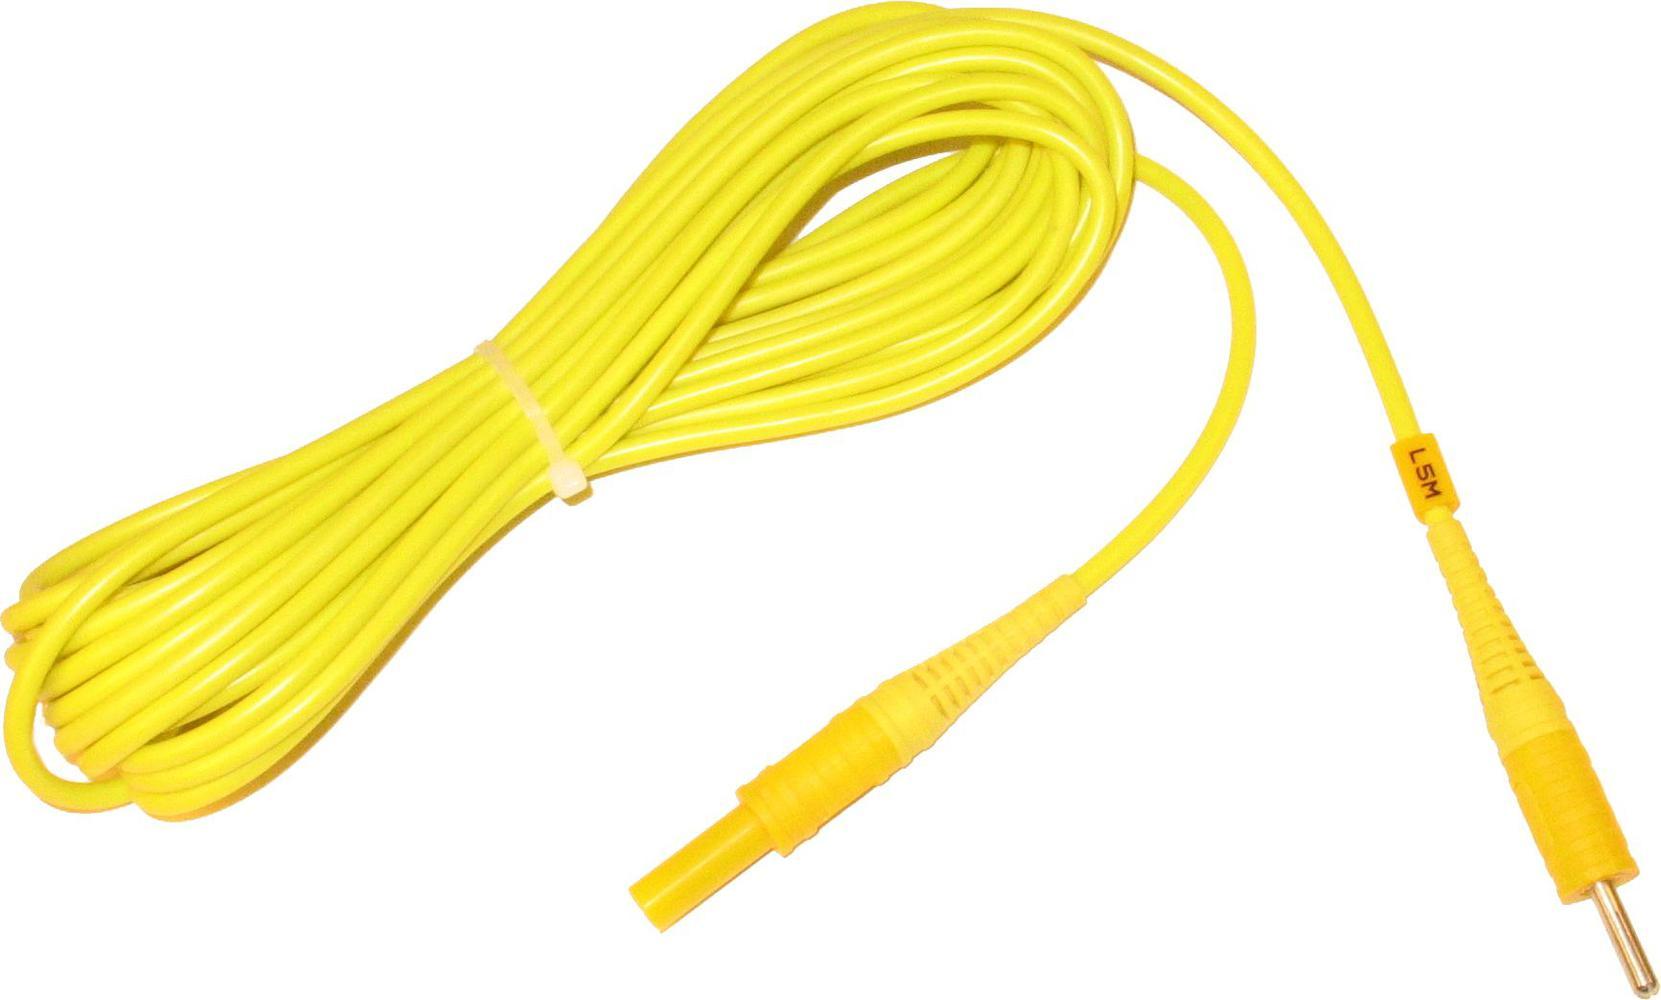 Przewód 5 m żółty zakończony wtykami bananowymi